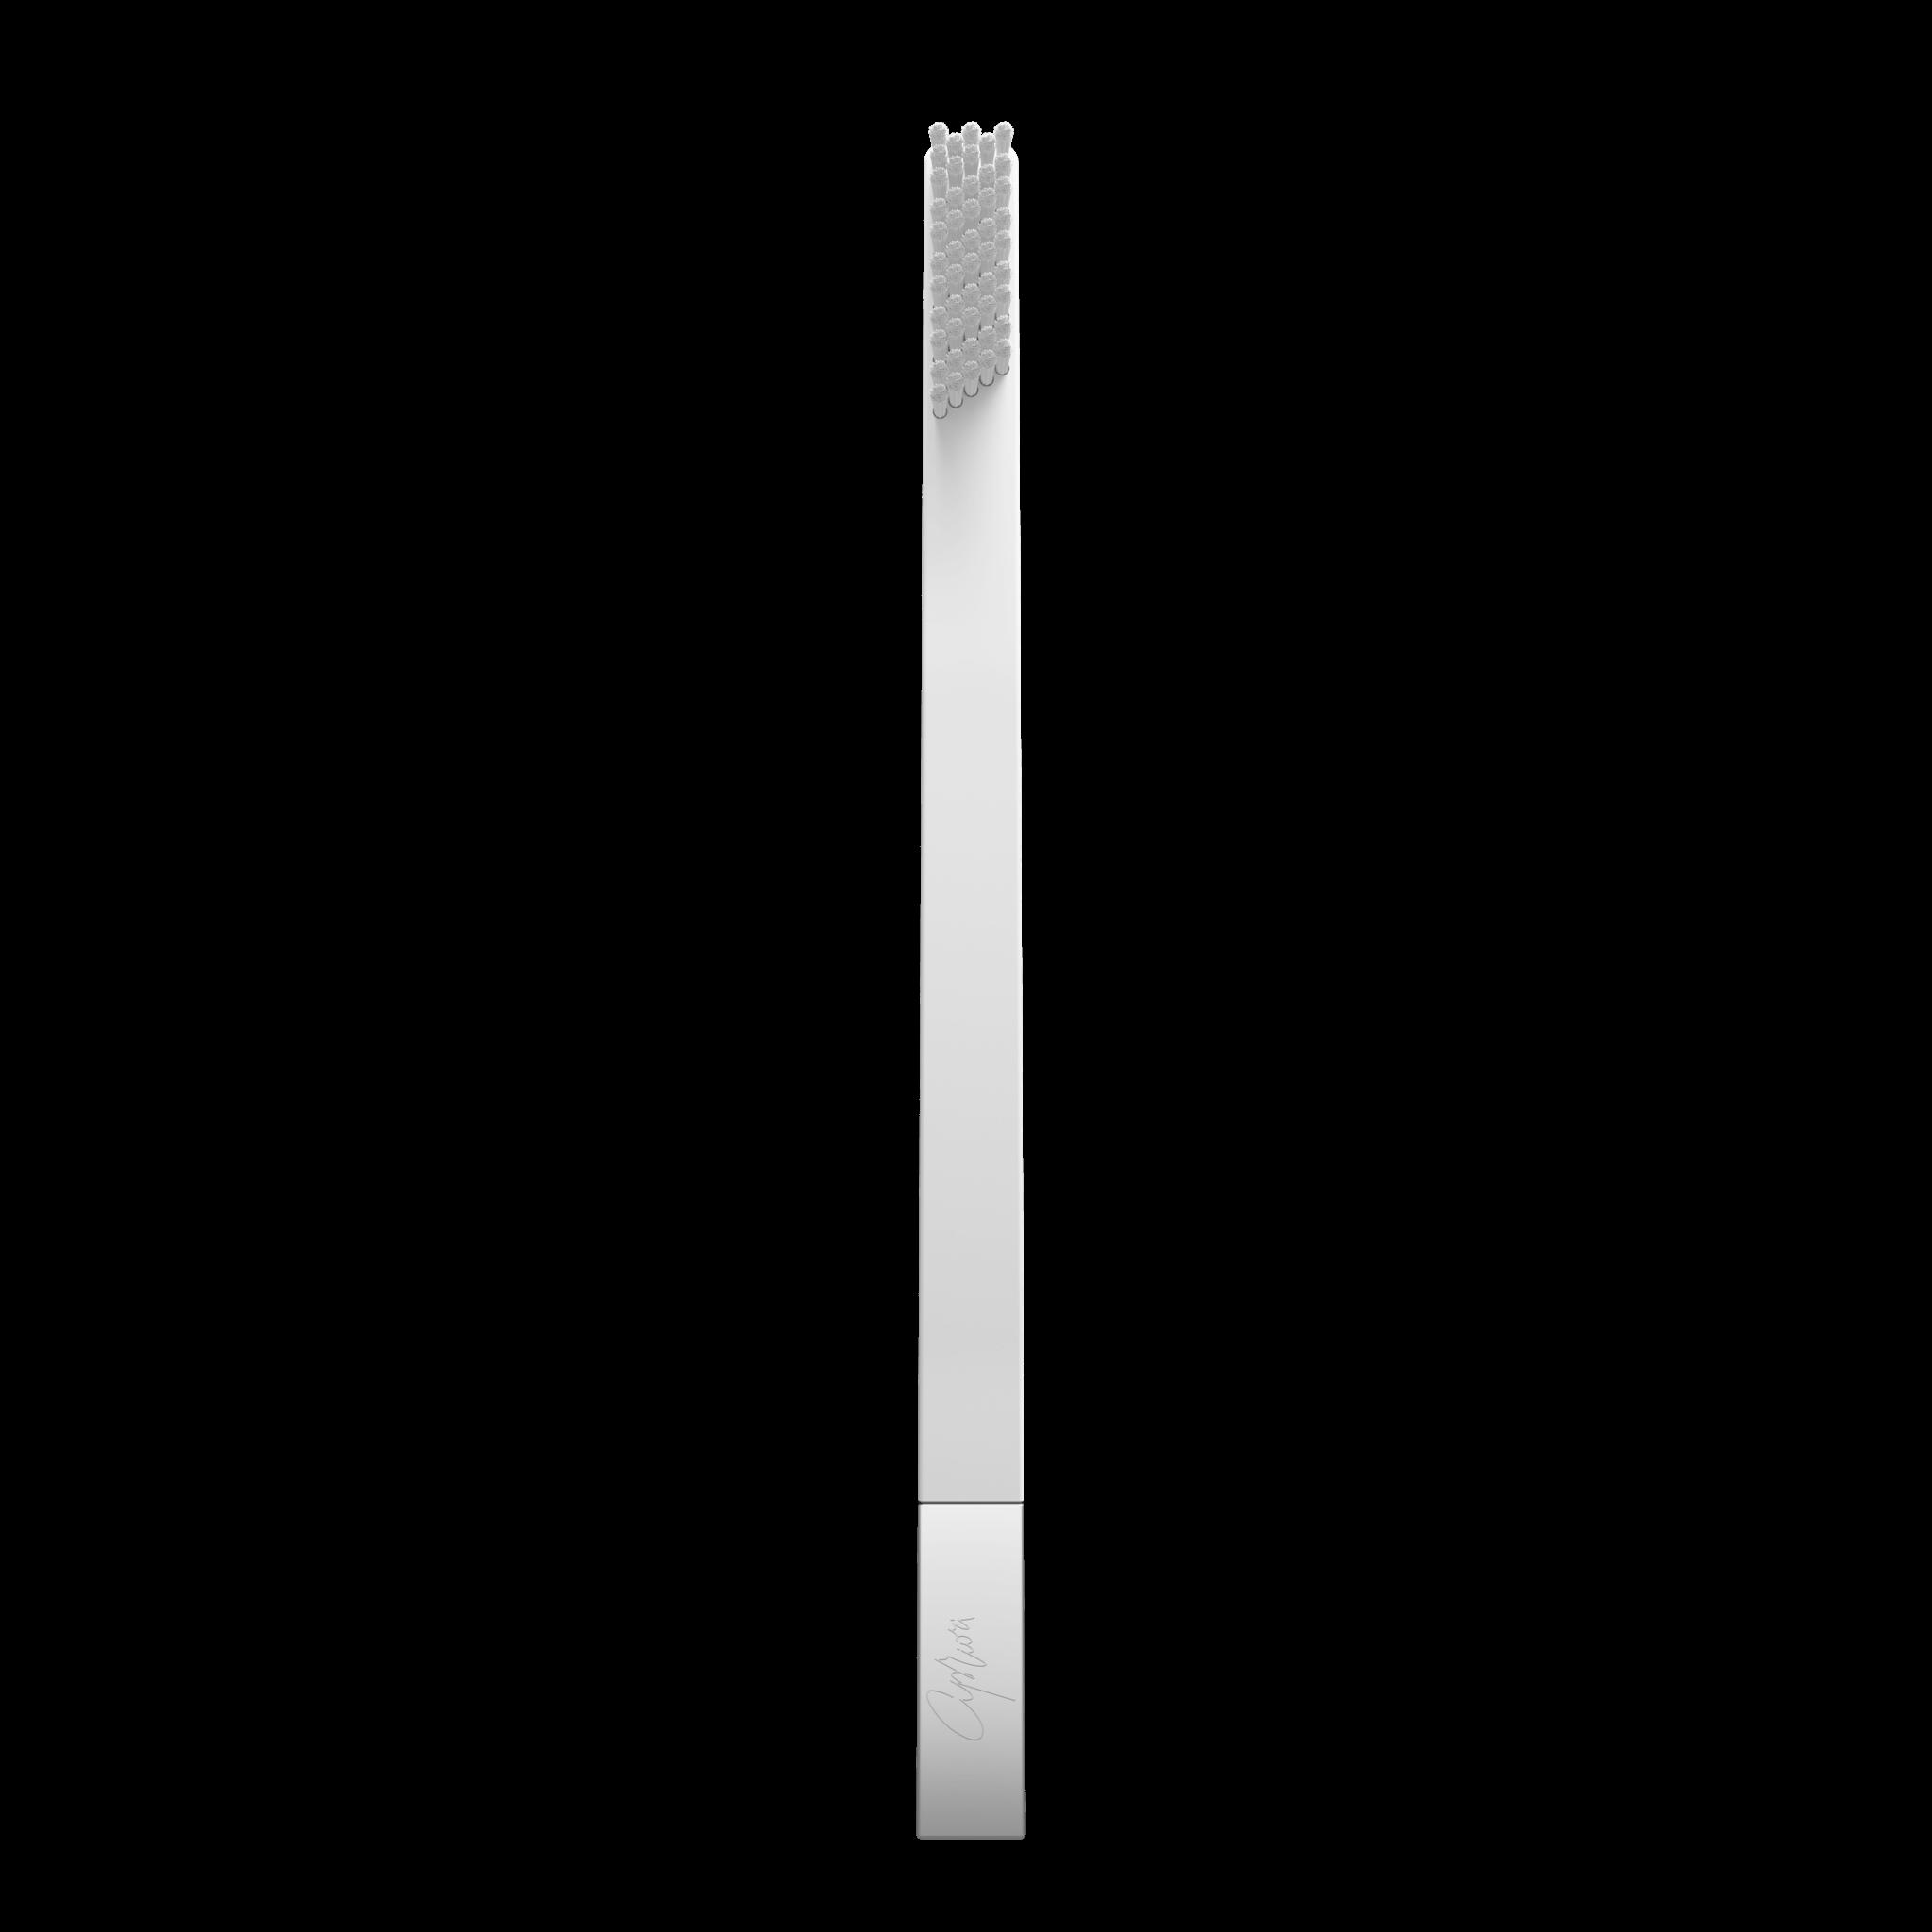 Дизайнерская зубная щетка белая с серебром SLIM by Apriori